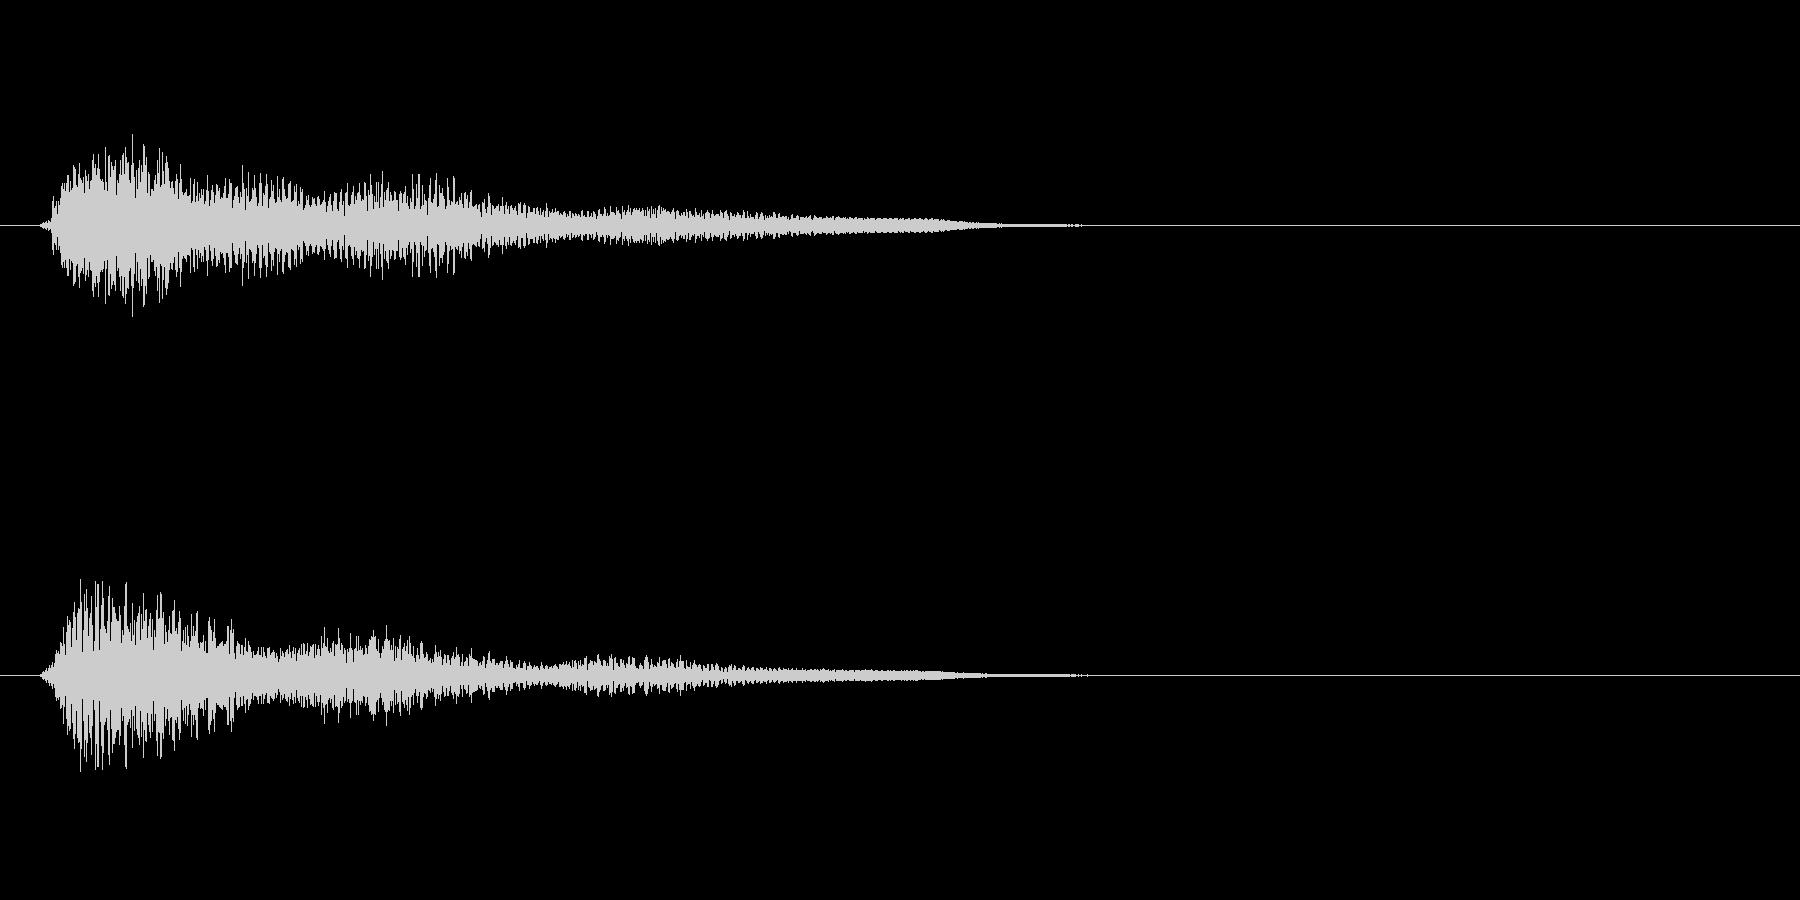 きらーん(キラキラしたピアノとシンセ音)の未再生の波形